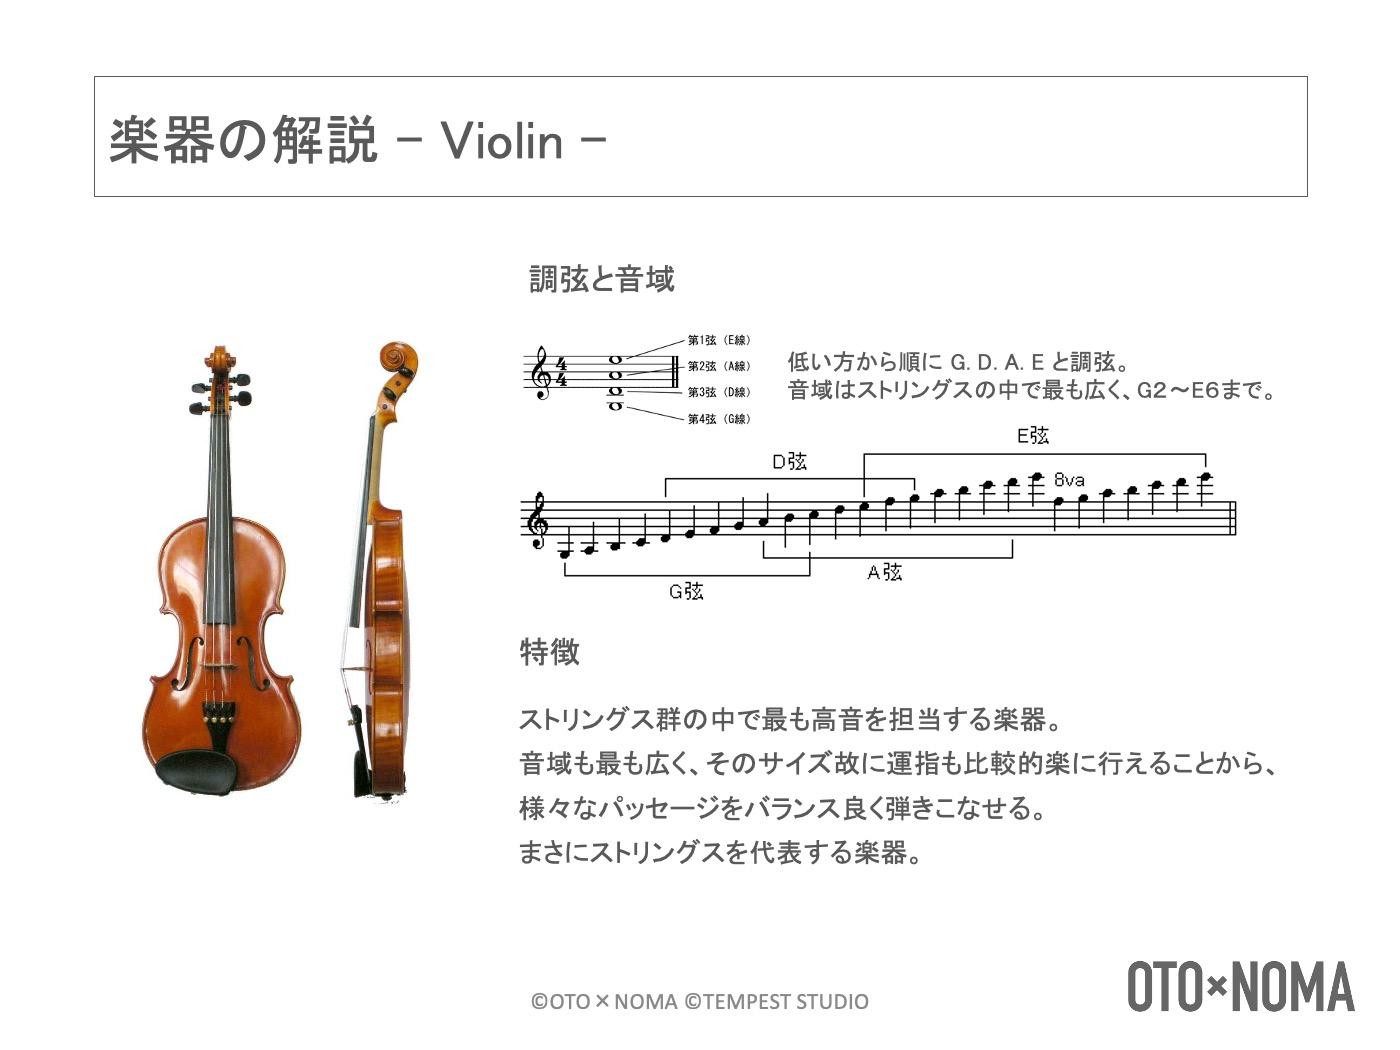 ヴァイオリンの音域と特徴